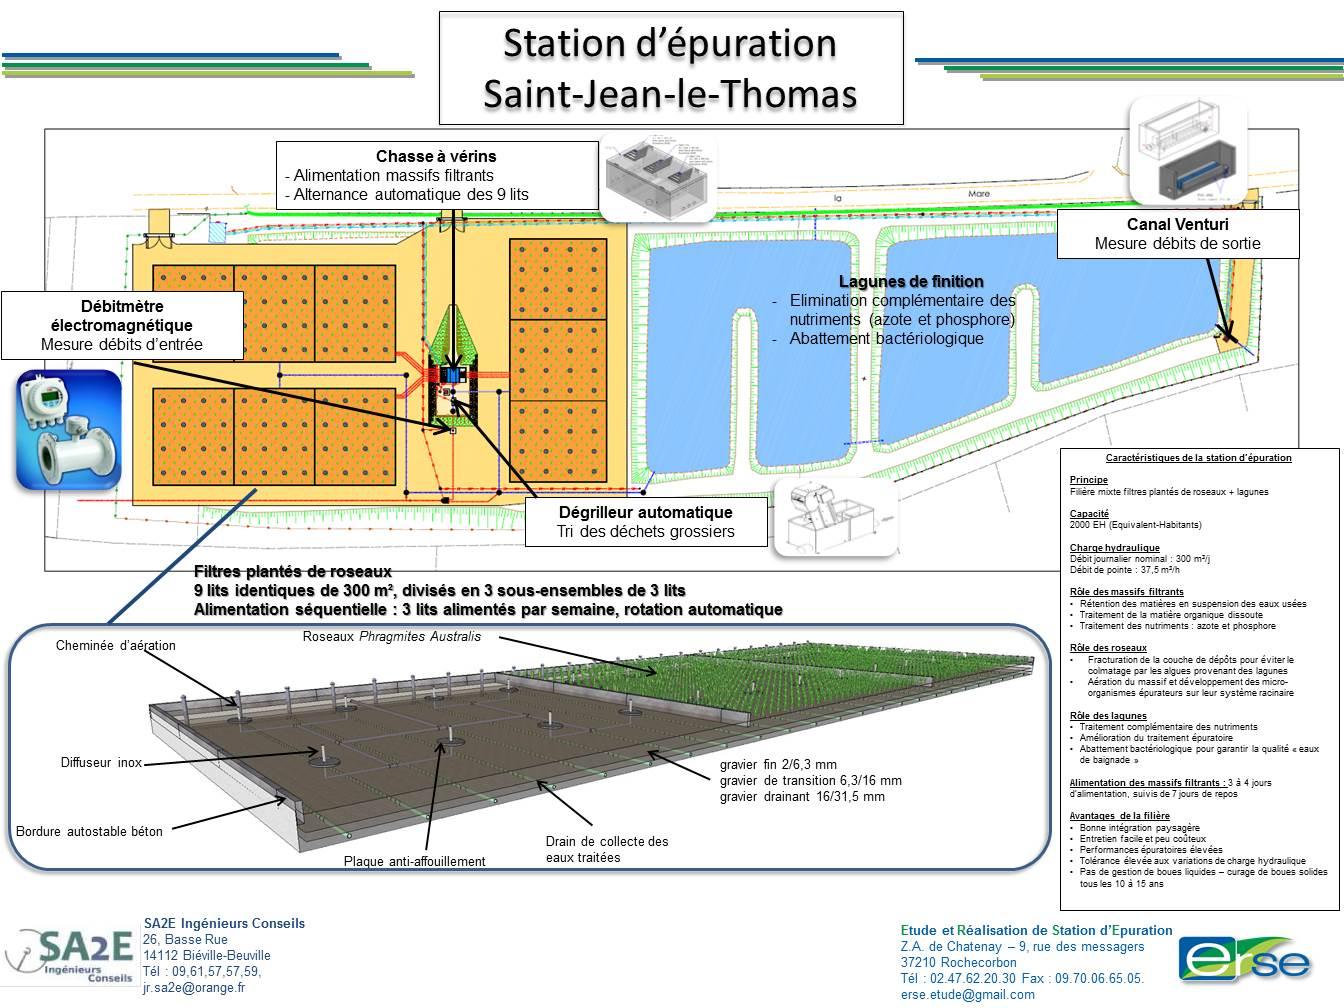 La station d'épuration de Saint-Jean